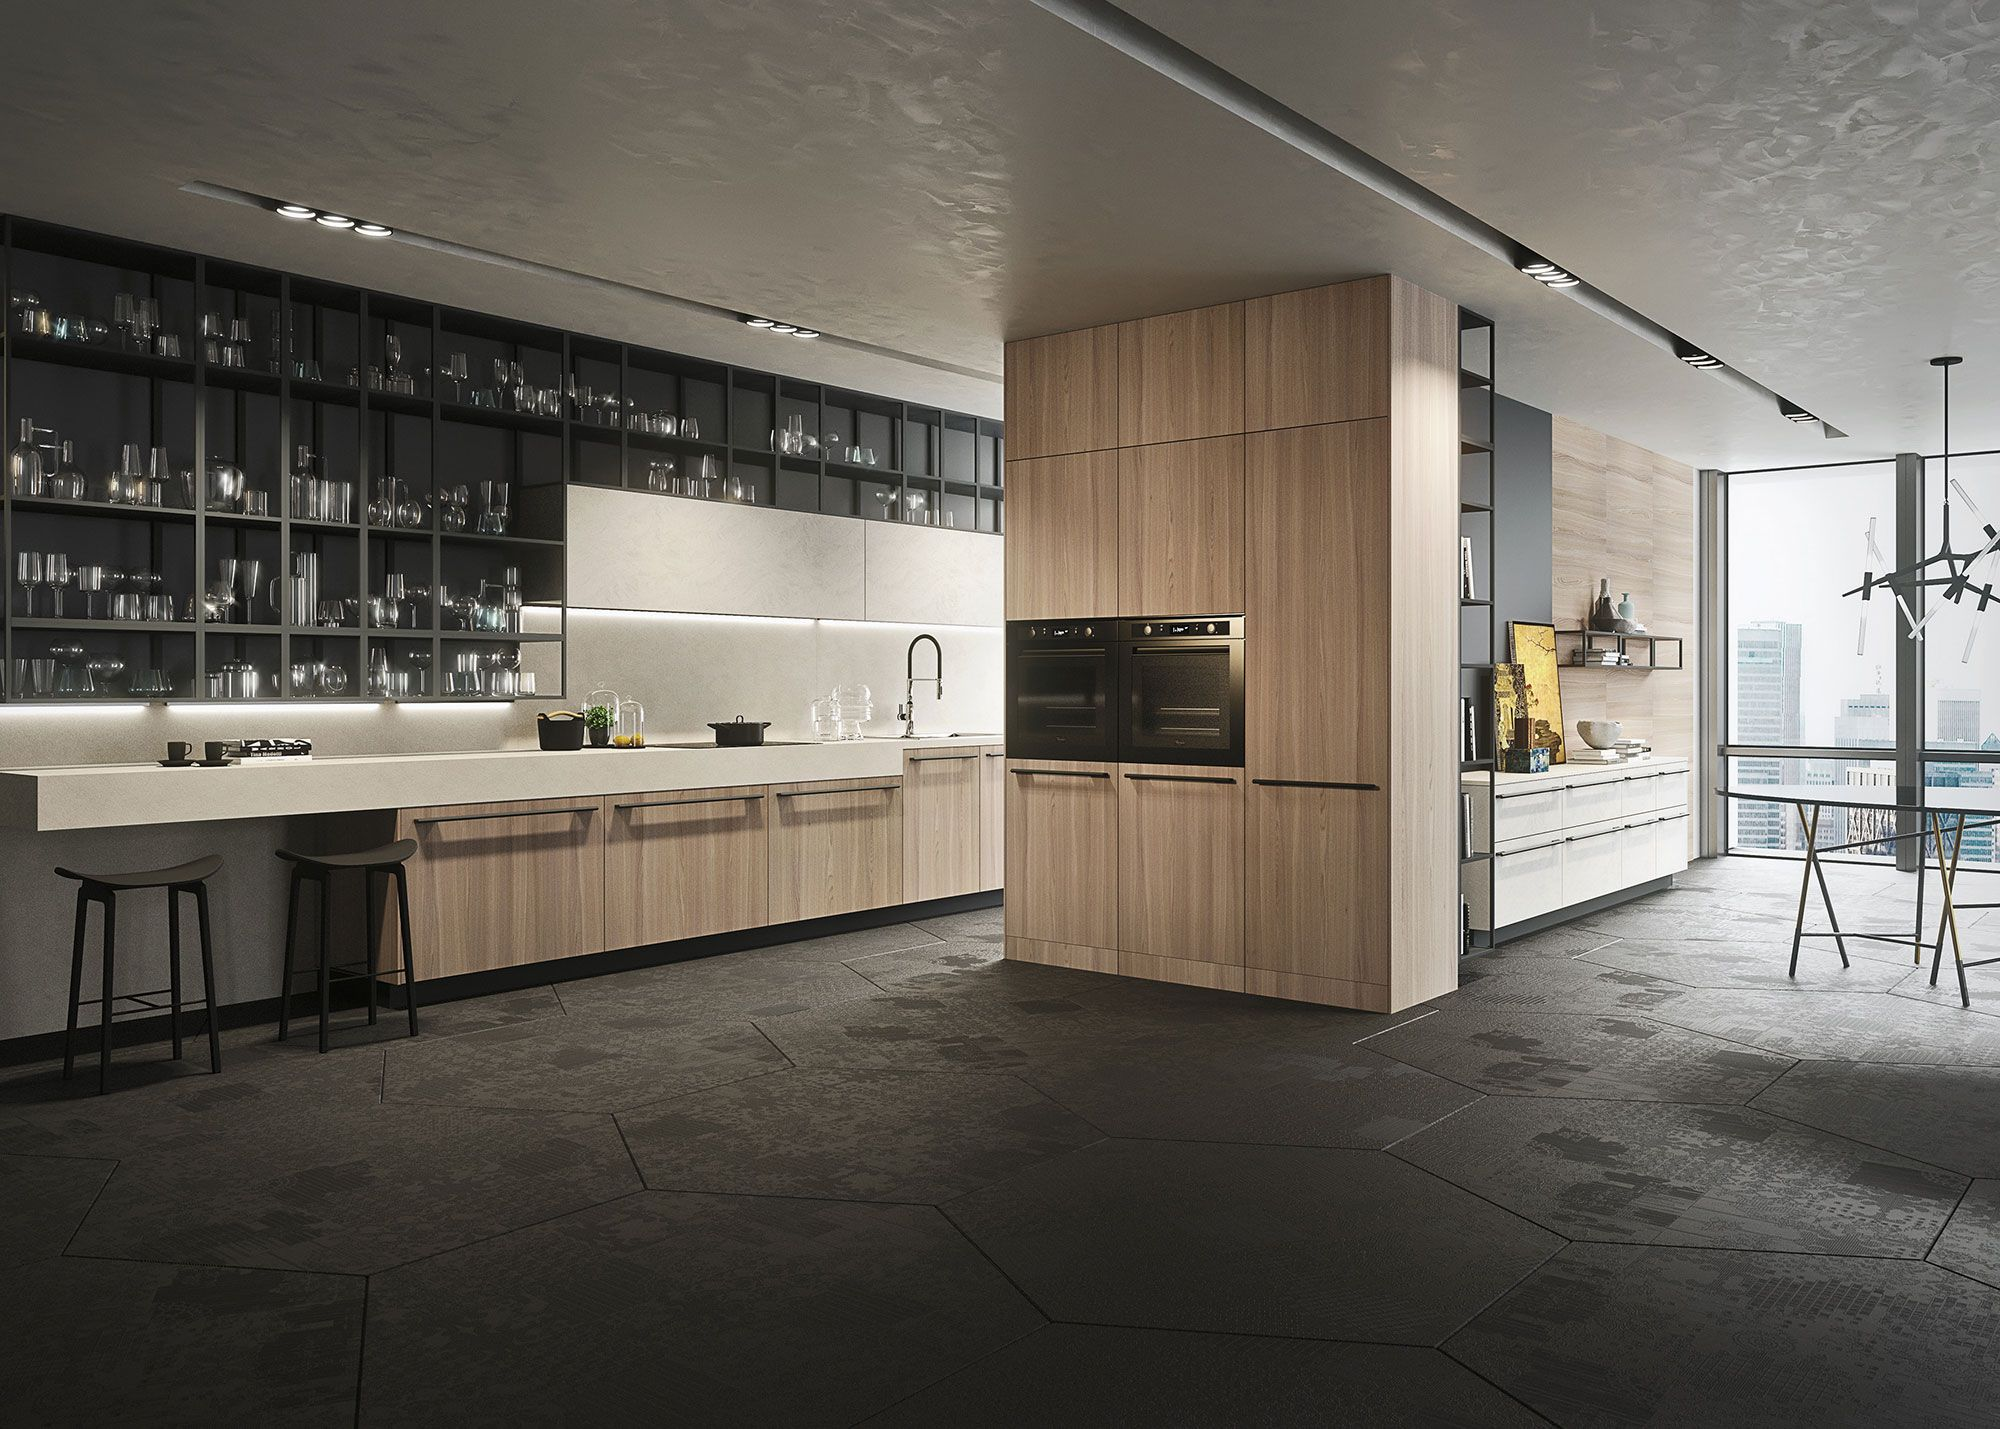 Open Keuken Bar : Een ruime open keuken met een unieke bar en gave barkrukken een